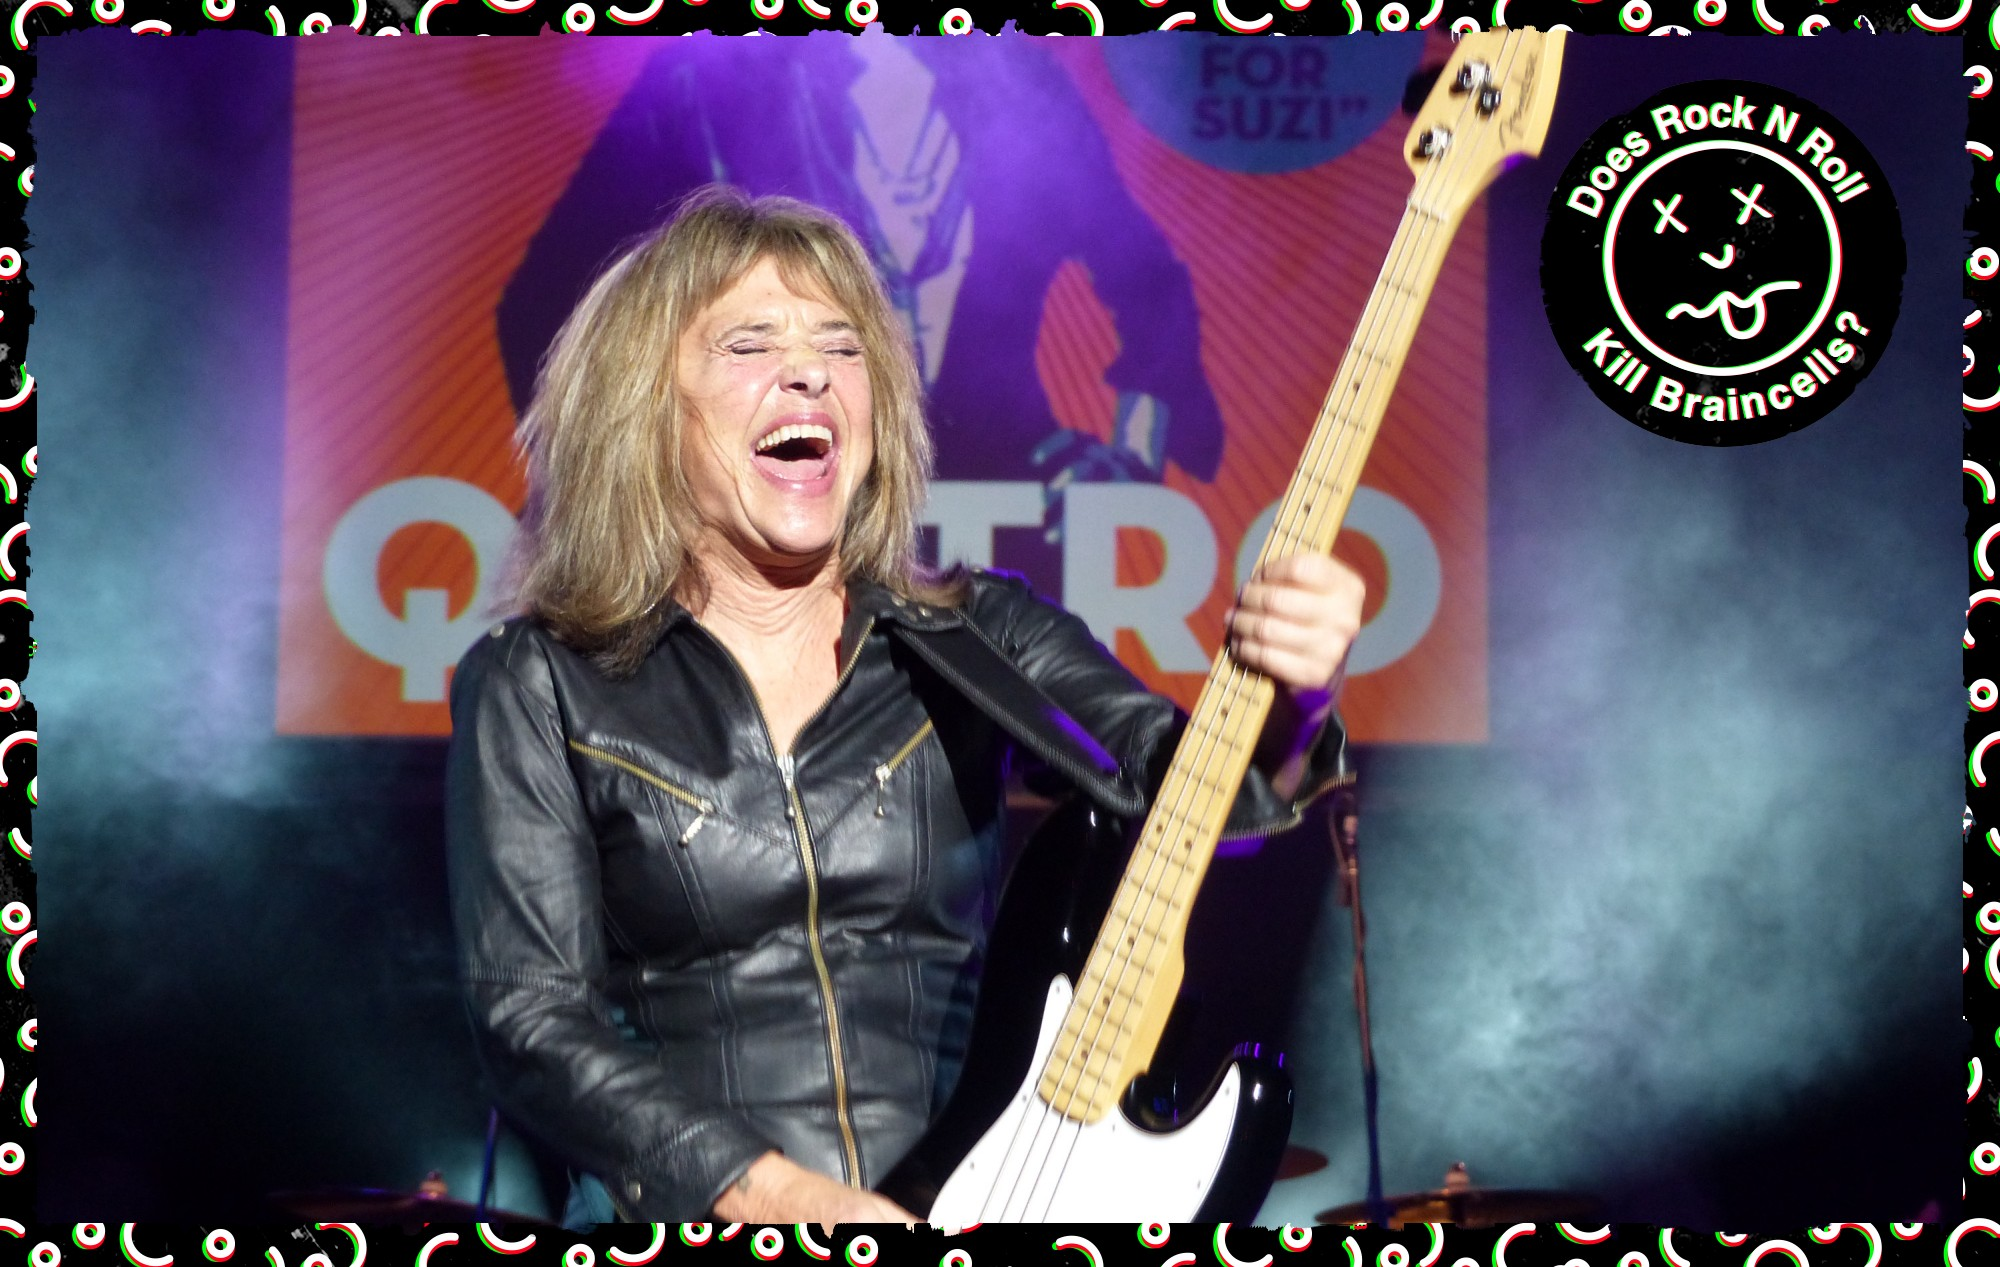 Does Rock 'N' Roll Kill Braincells?! – Suzi Quatro